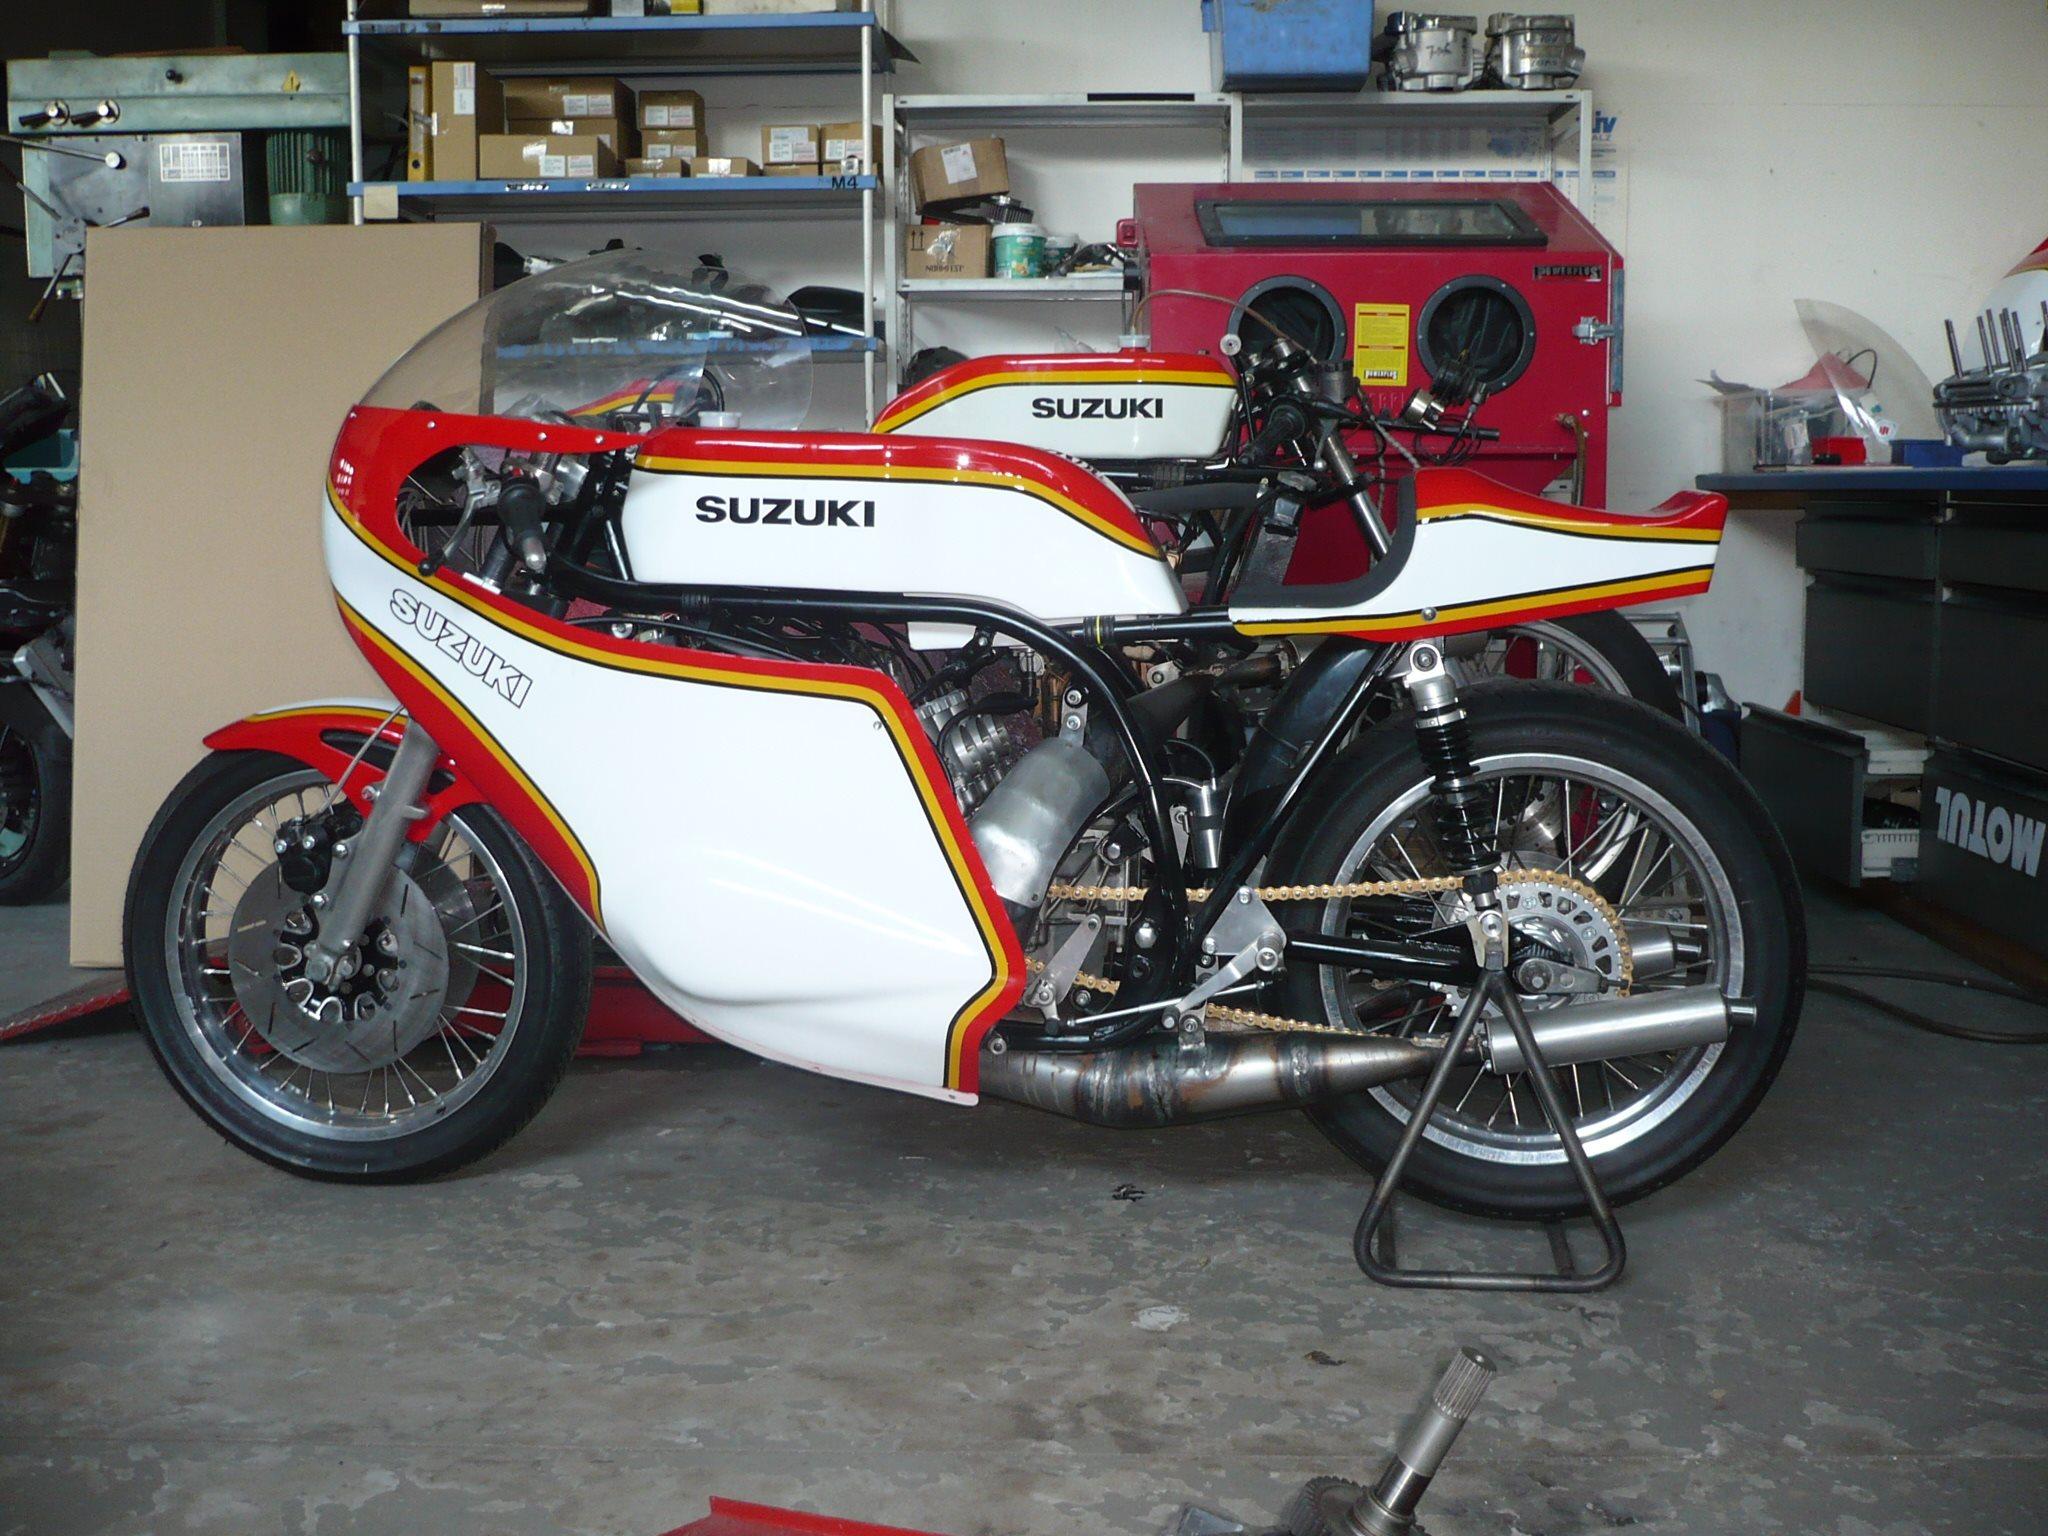 umgebautes motorrad suzuki gt 750 von reimo reinhard motorrad gmbh. Black Bedroom Furniture Sets. Home Design Ideas